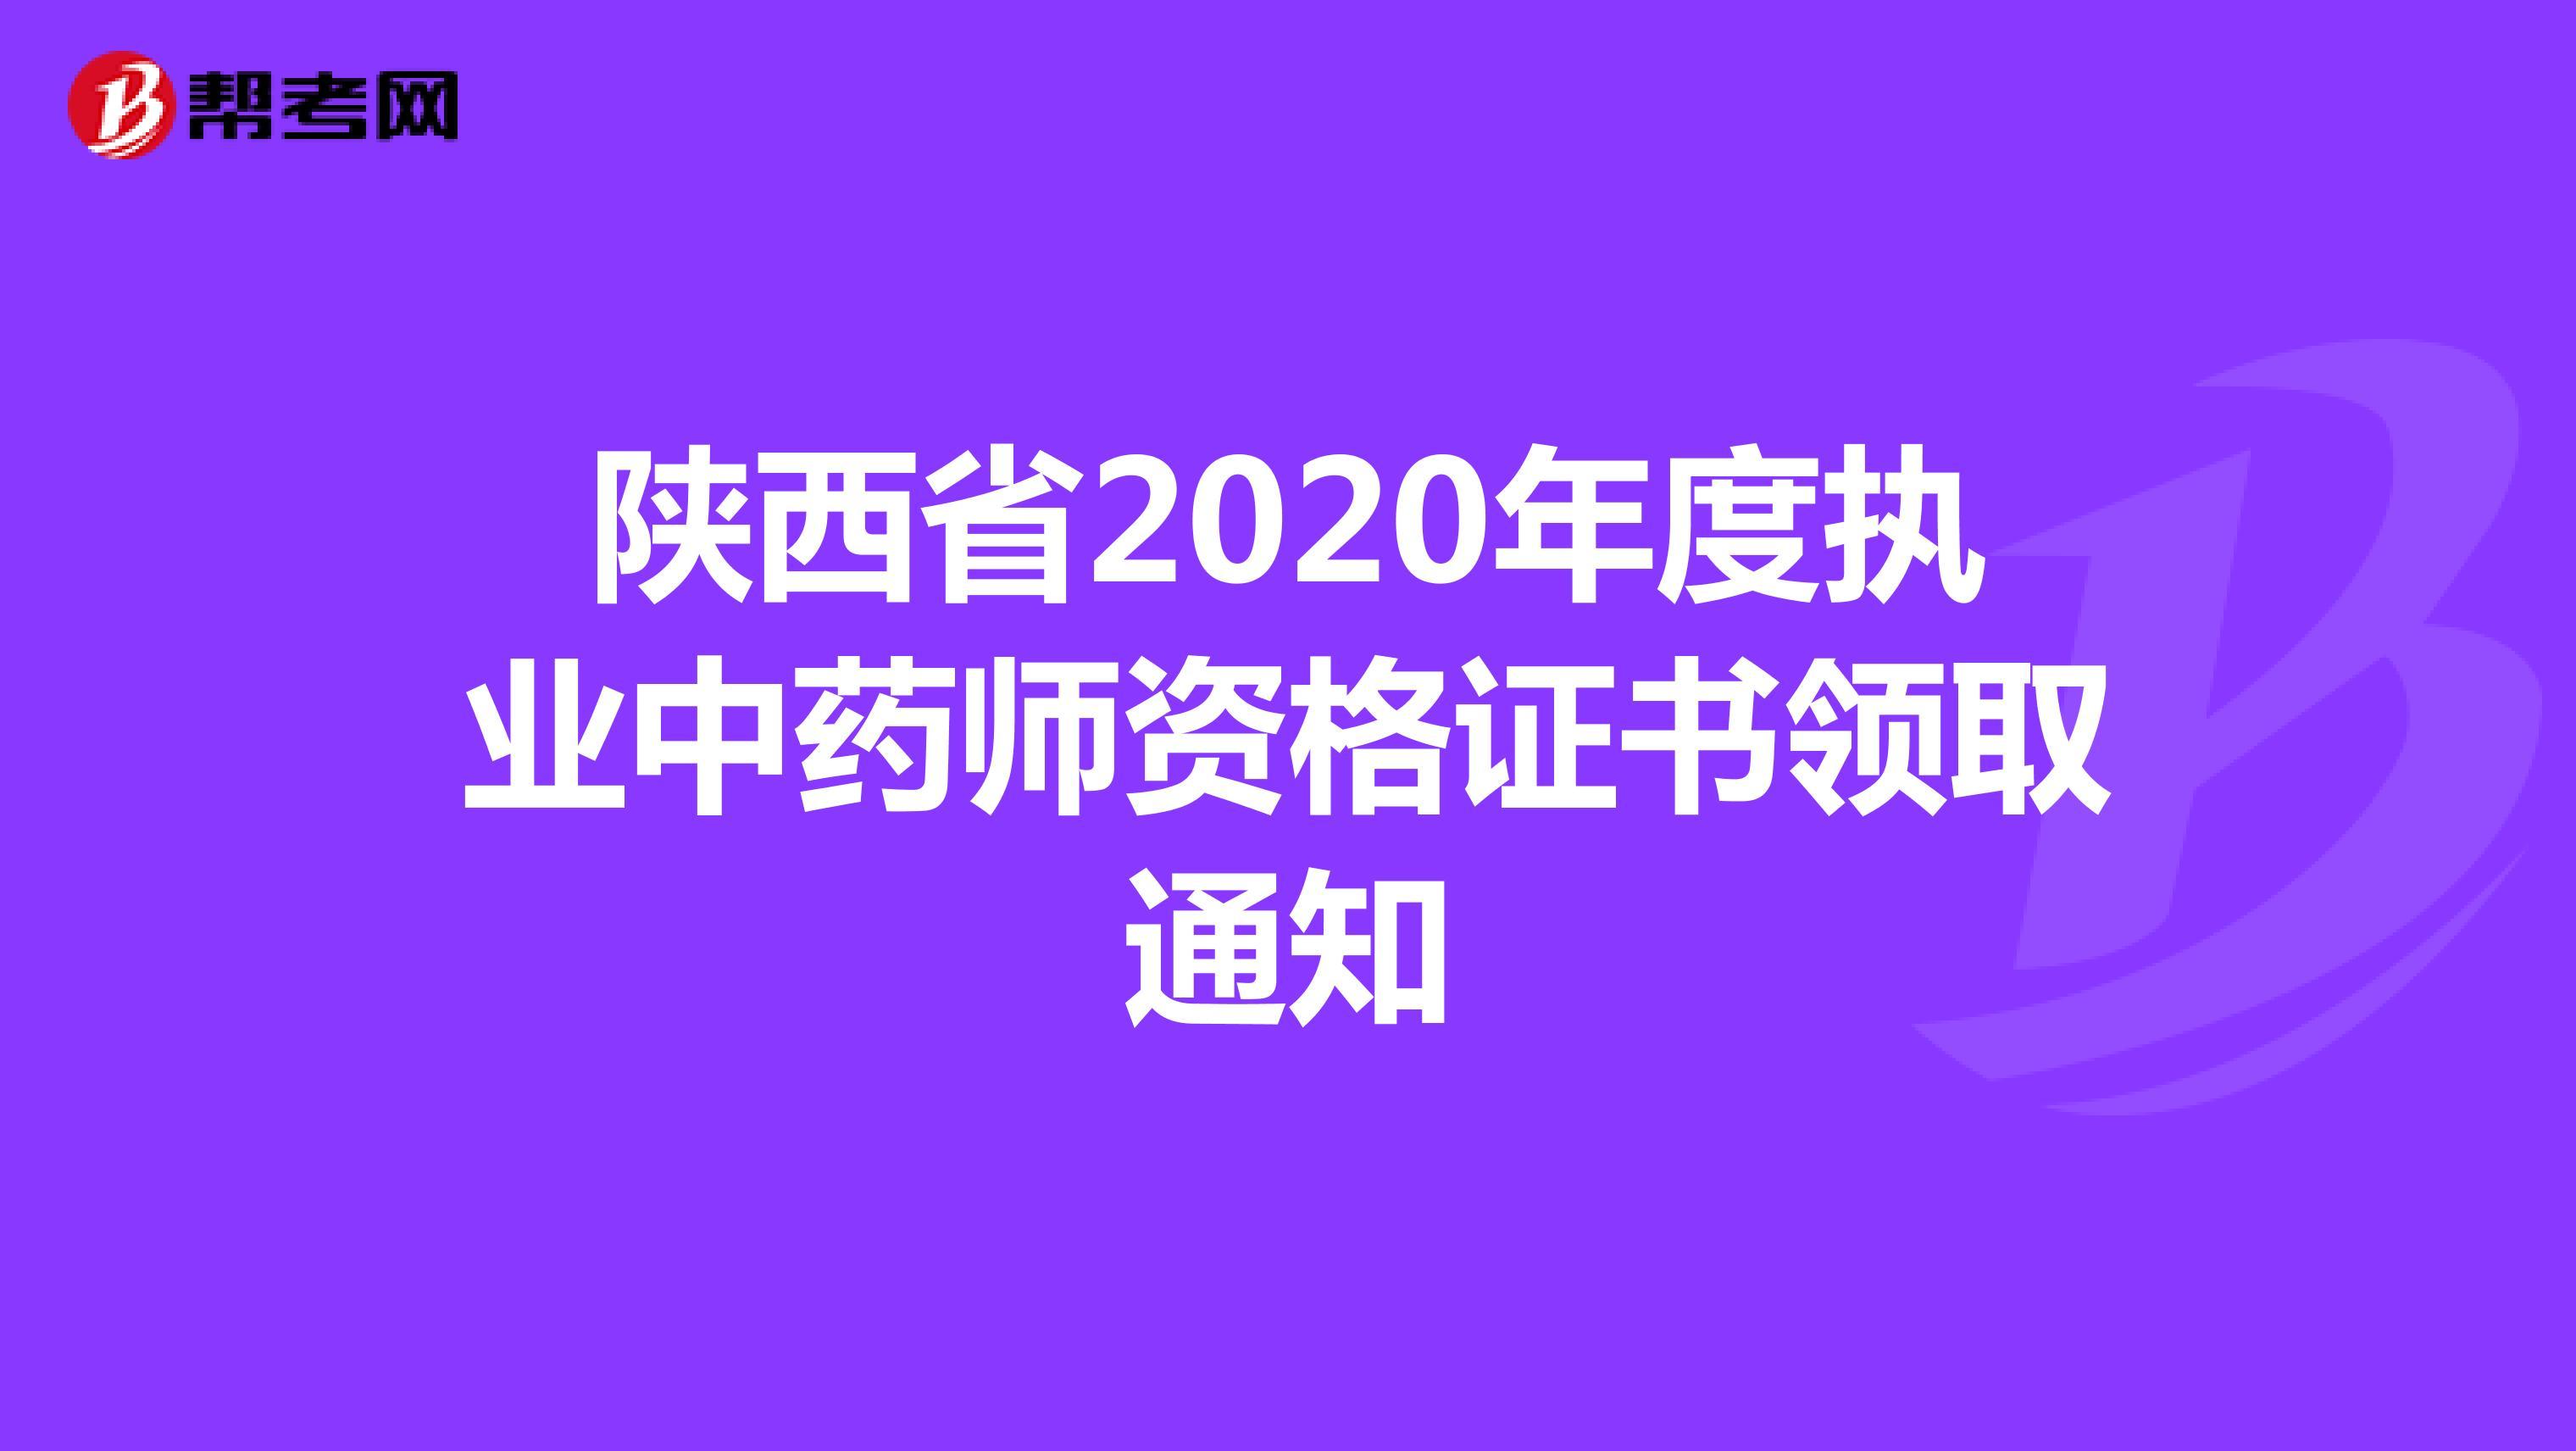 陕西省2020年度执业中药师资格证书领取通知